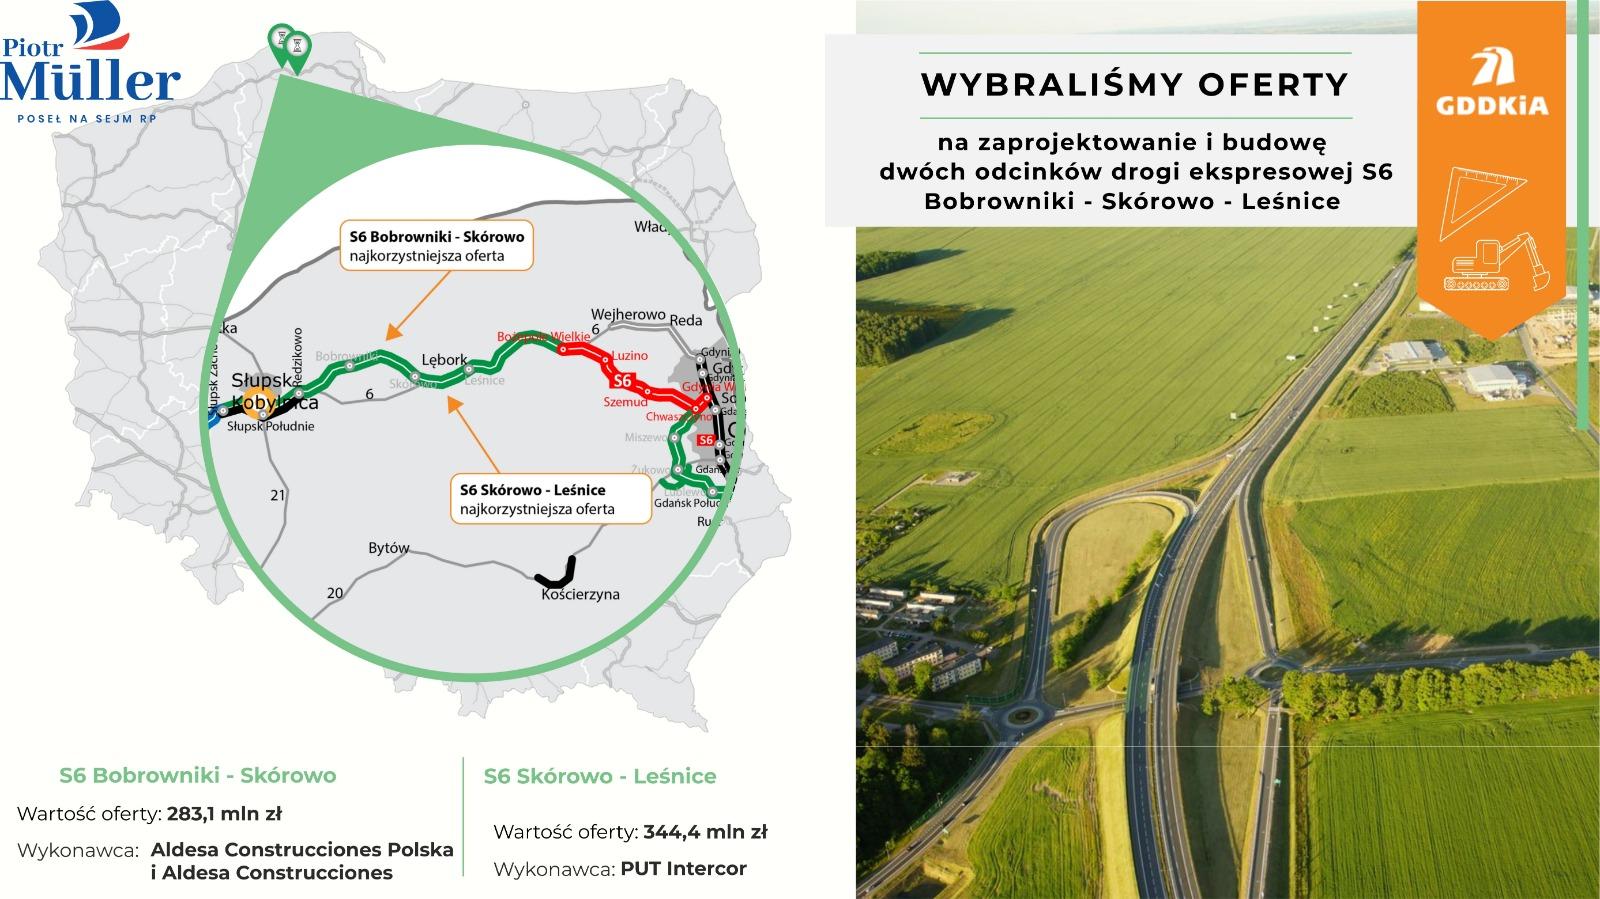 Dzięki budowie nowej trasy mieszkańcy uzyskają poprawę płynności ruchu, skrócenie czasu przejazdu, odciążenie układu dróg i ulic lokalnych czy poprawę stanu bezpieczeństwa.